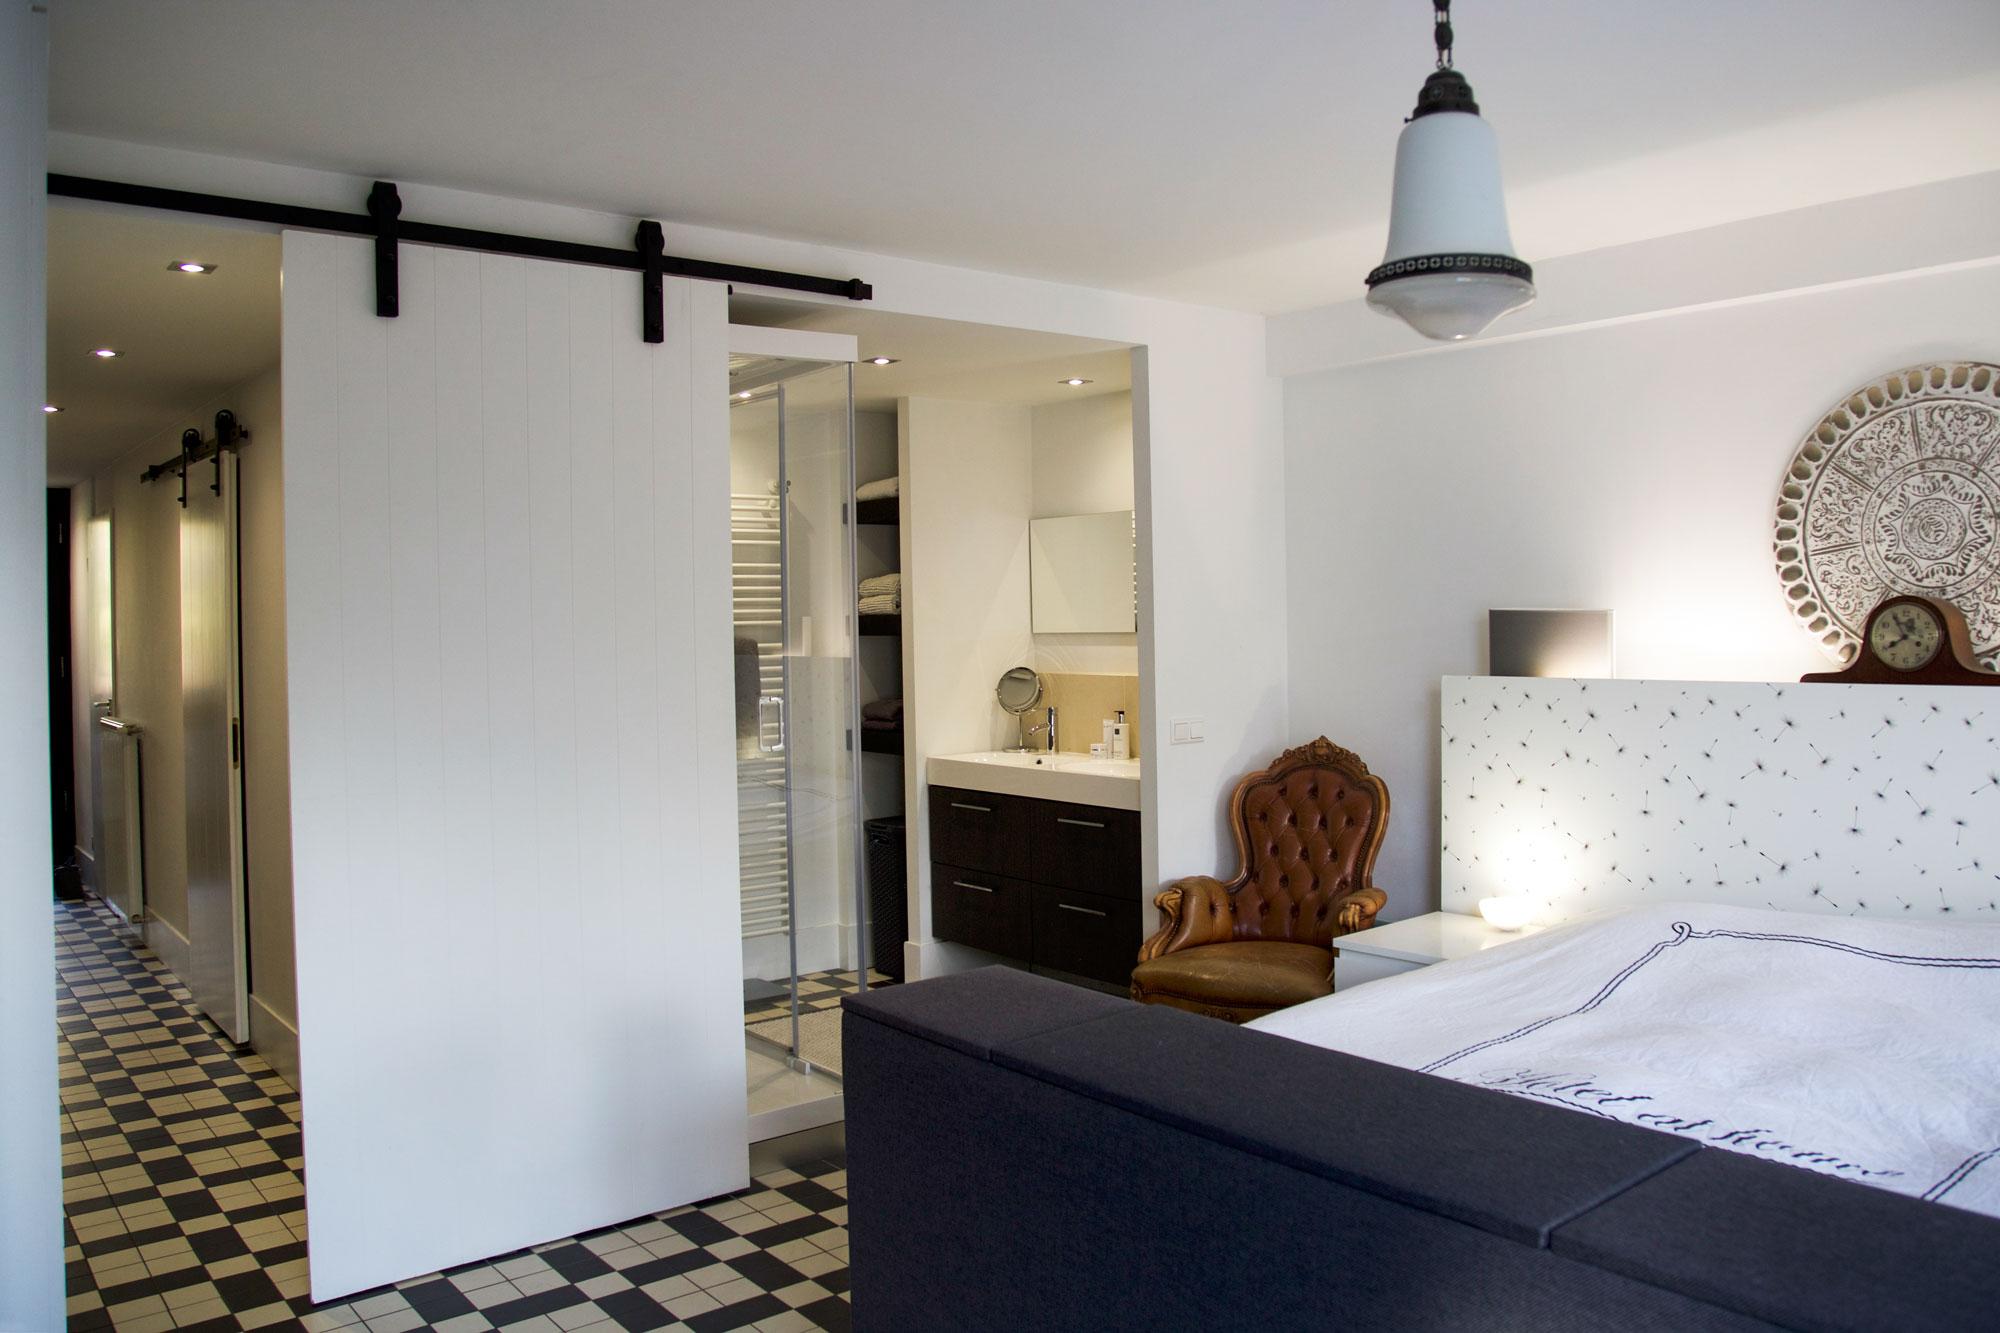 Slaapkamer Zwart Wit : Slaapkamer in zwart wit blos interieur